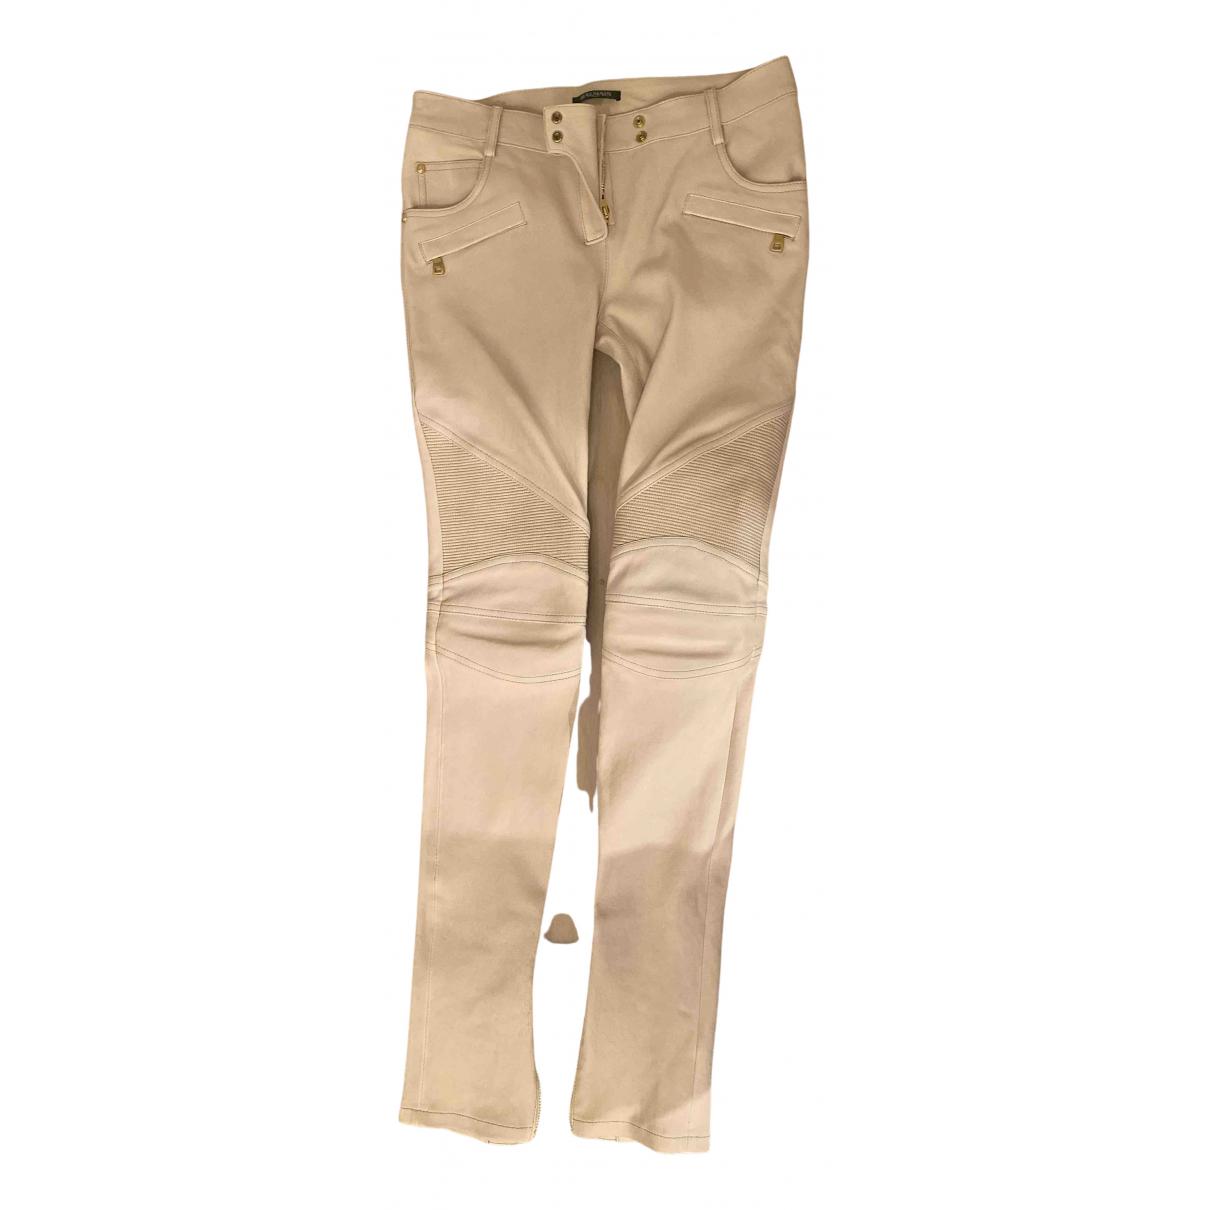 Balmain - Pantalon   pour femme en cuir - beige